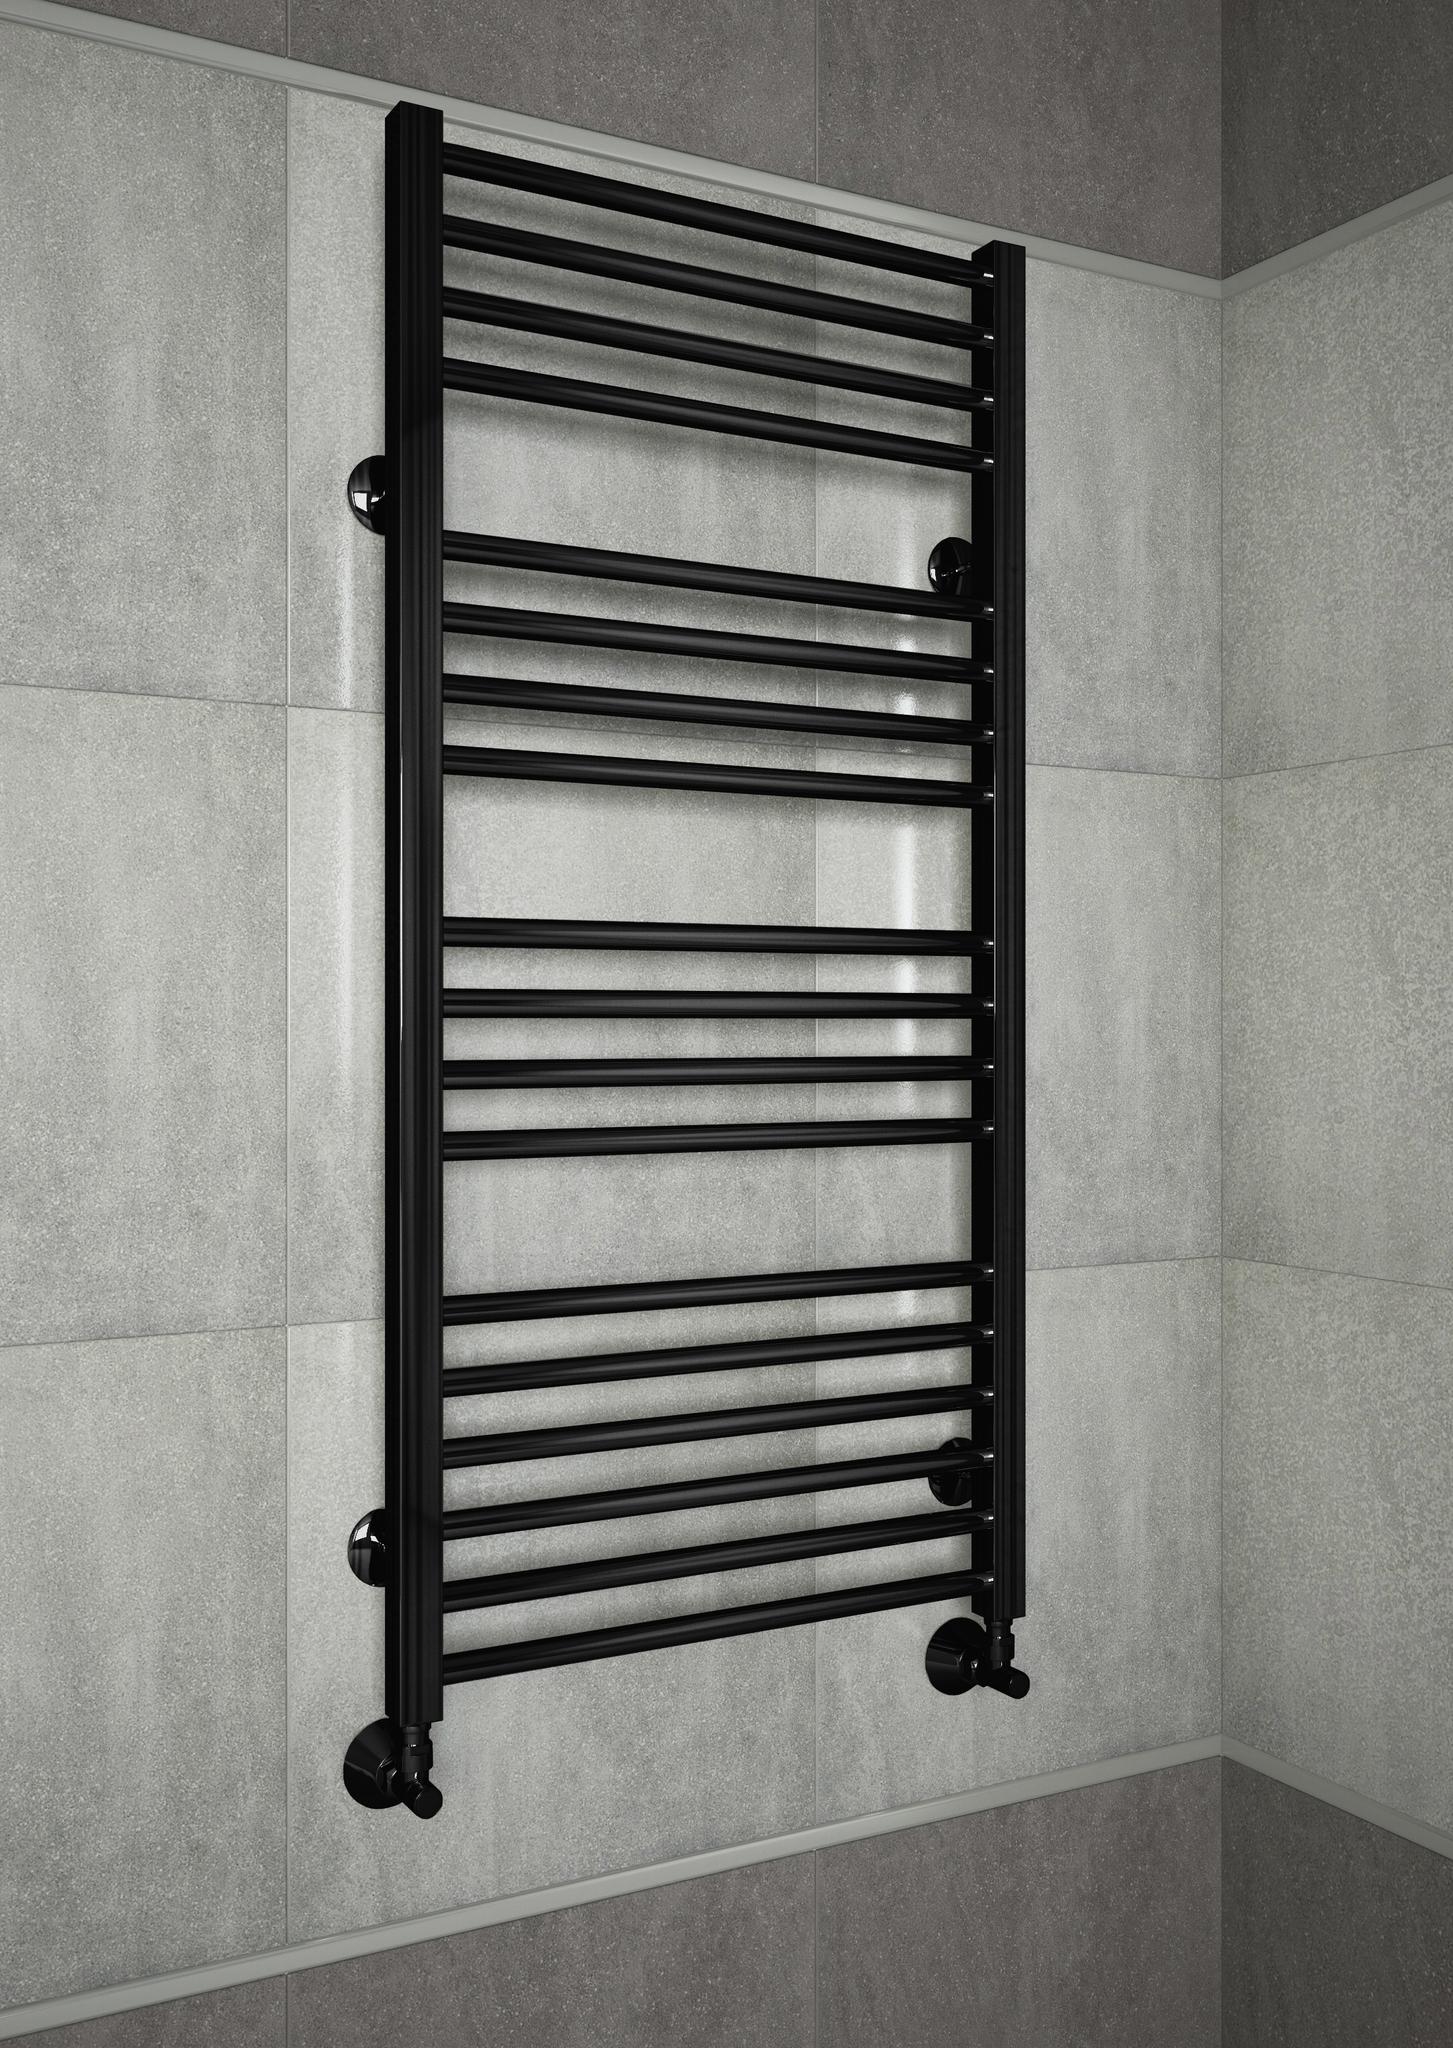 Sicilia E- черный электрический полотенцесушитель с квадратными вертикалями.